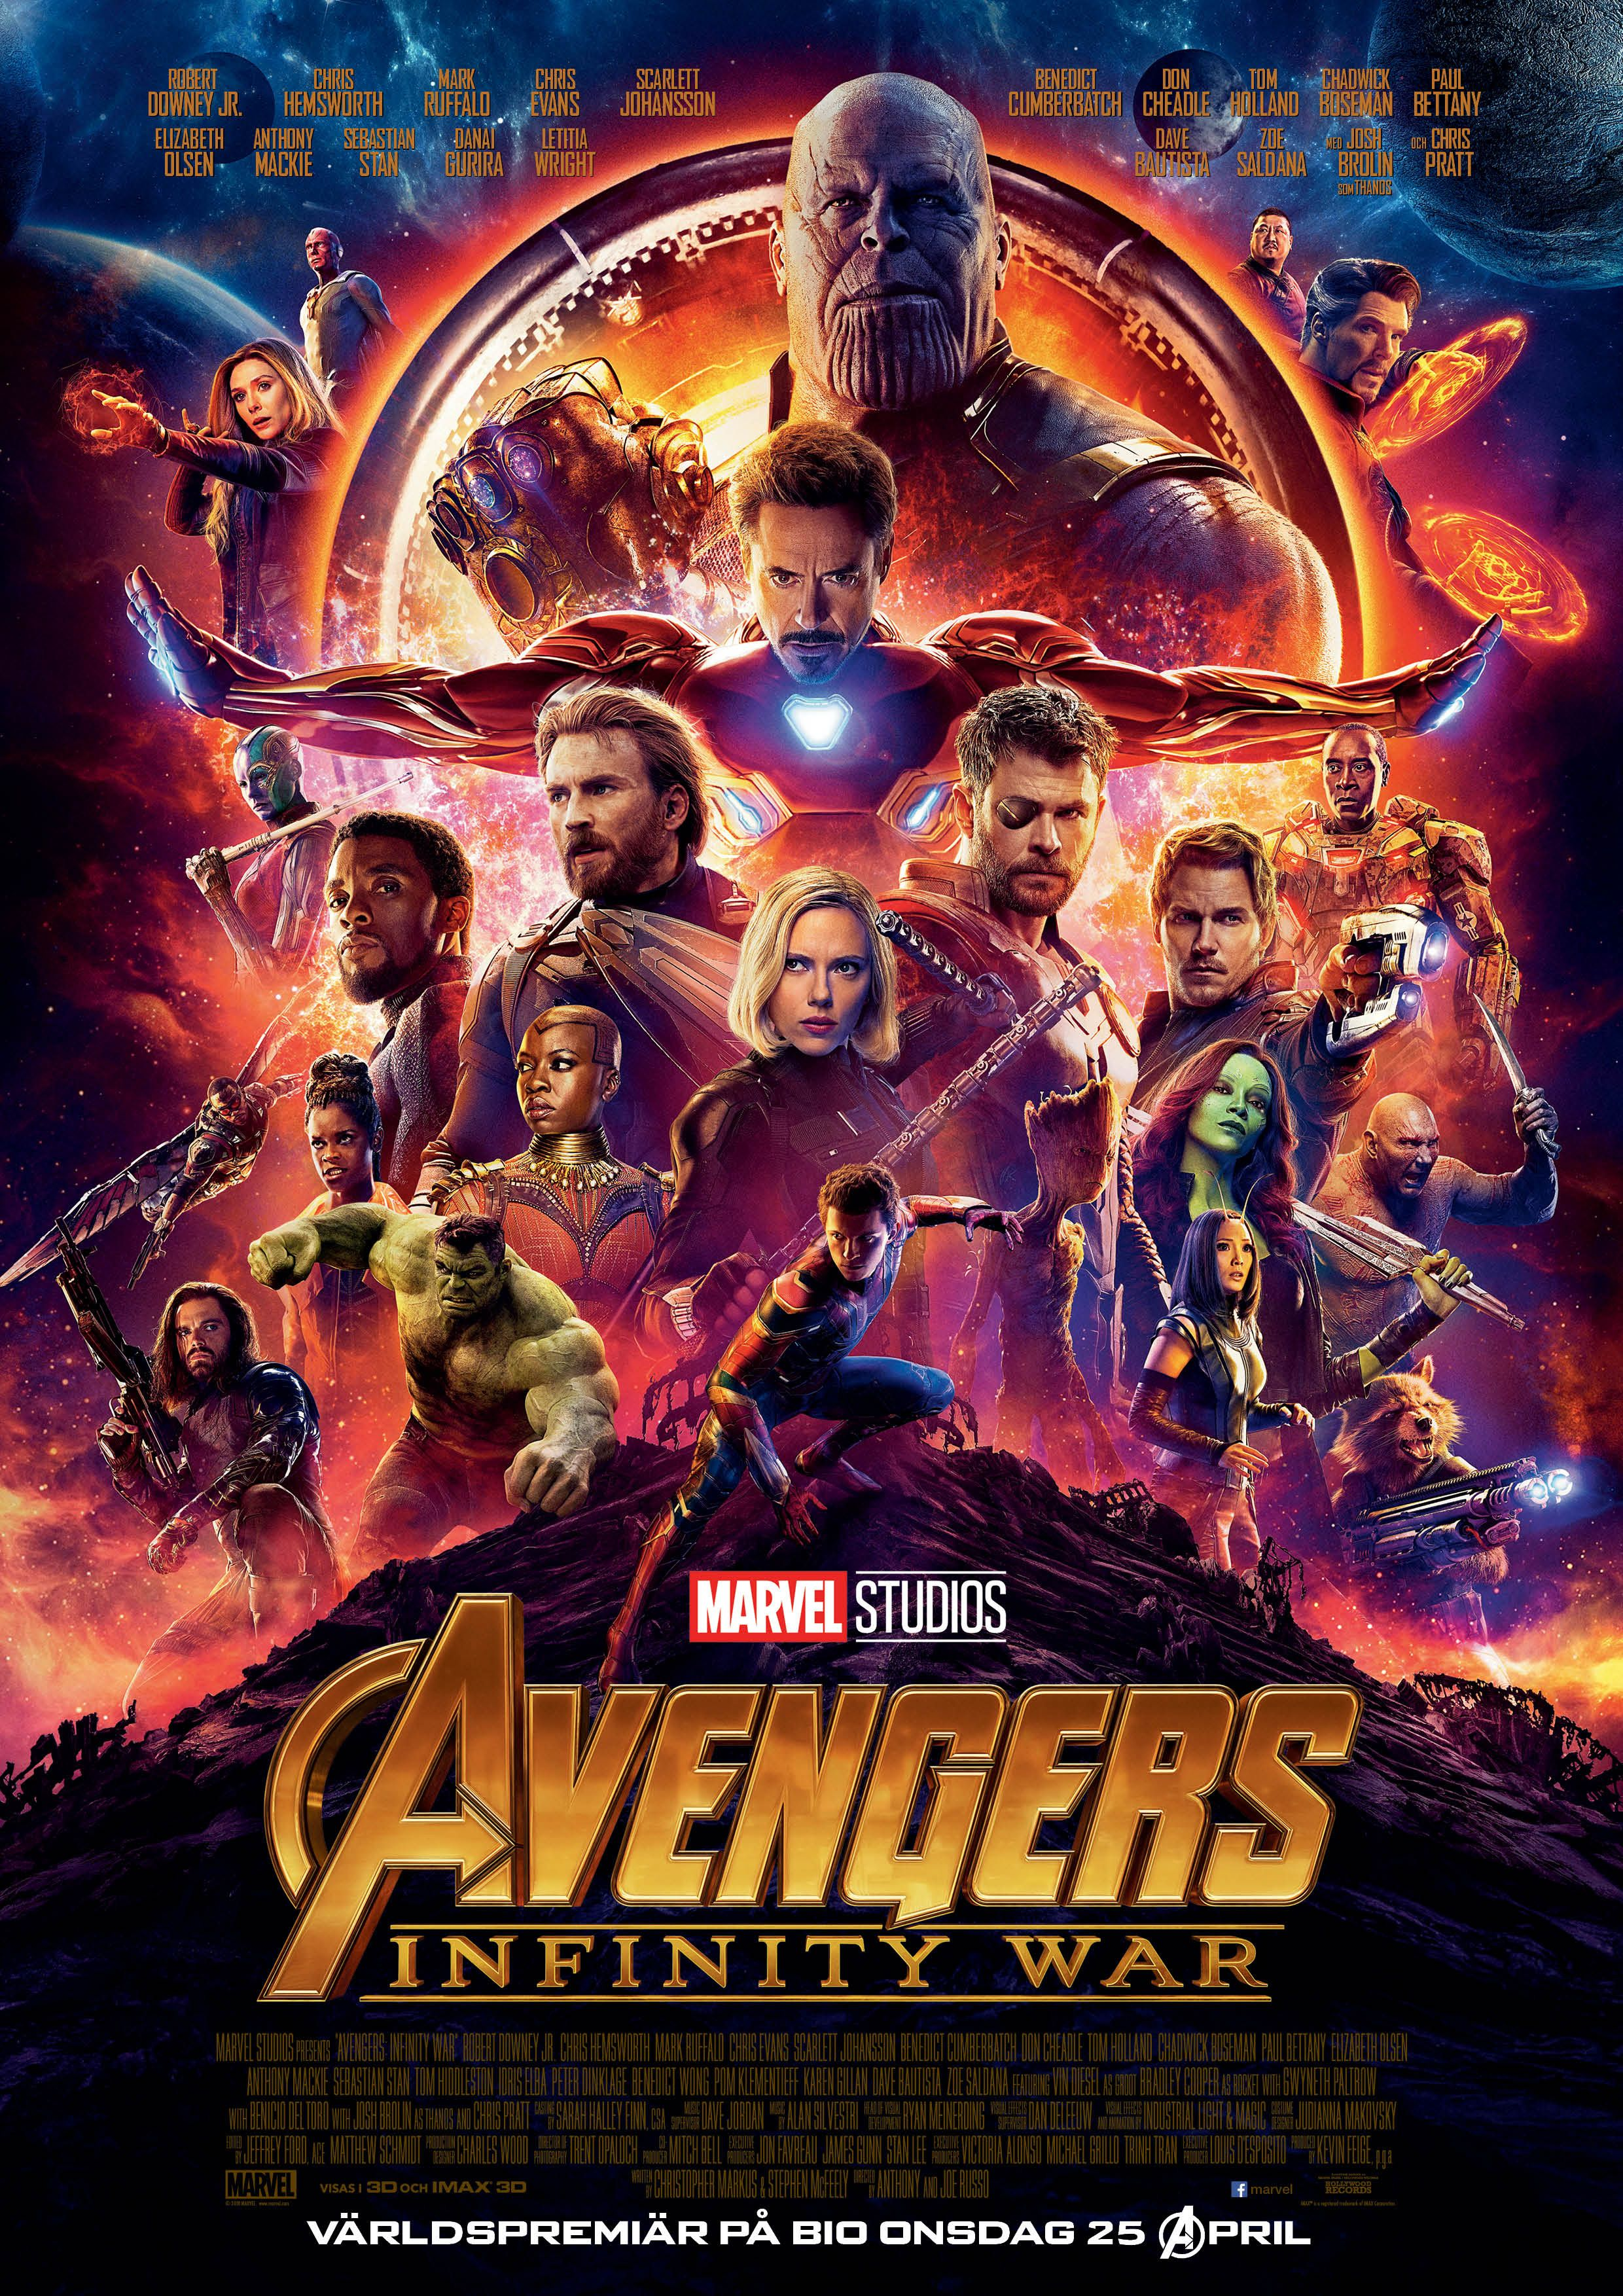 Avengers Infinity War C Est Spectaculaire Ca Pete De Tous Les Cotes C Est Visuellement Bluffant Mais Bon A Vingadores Gerra Infinita Filme Os Vingadores